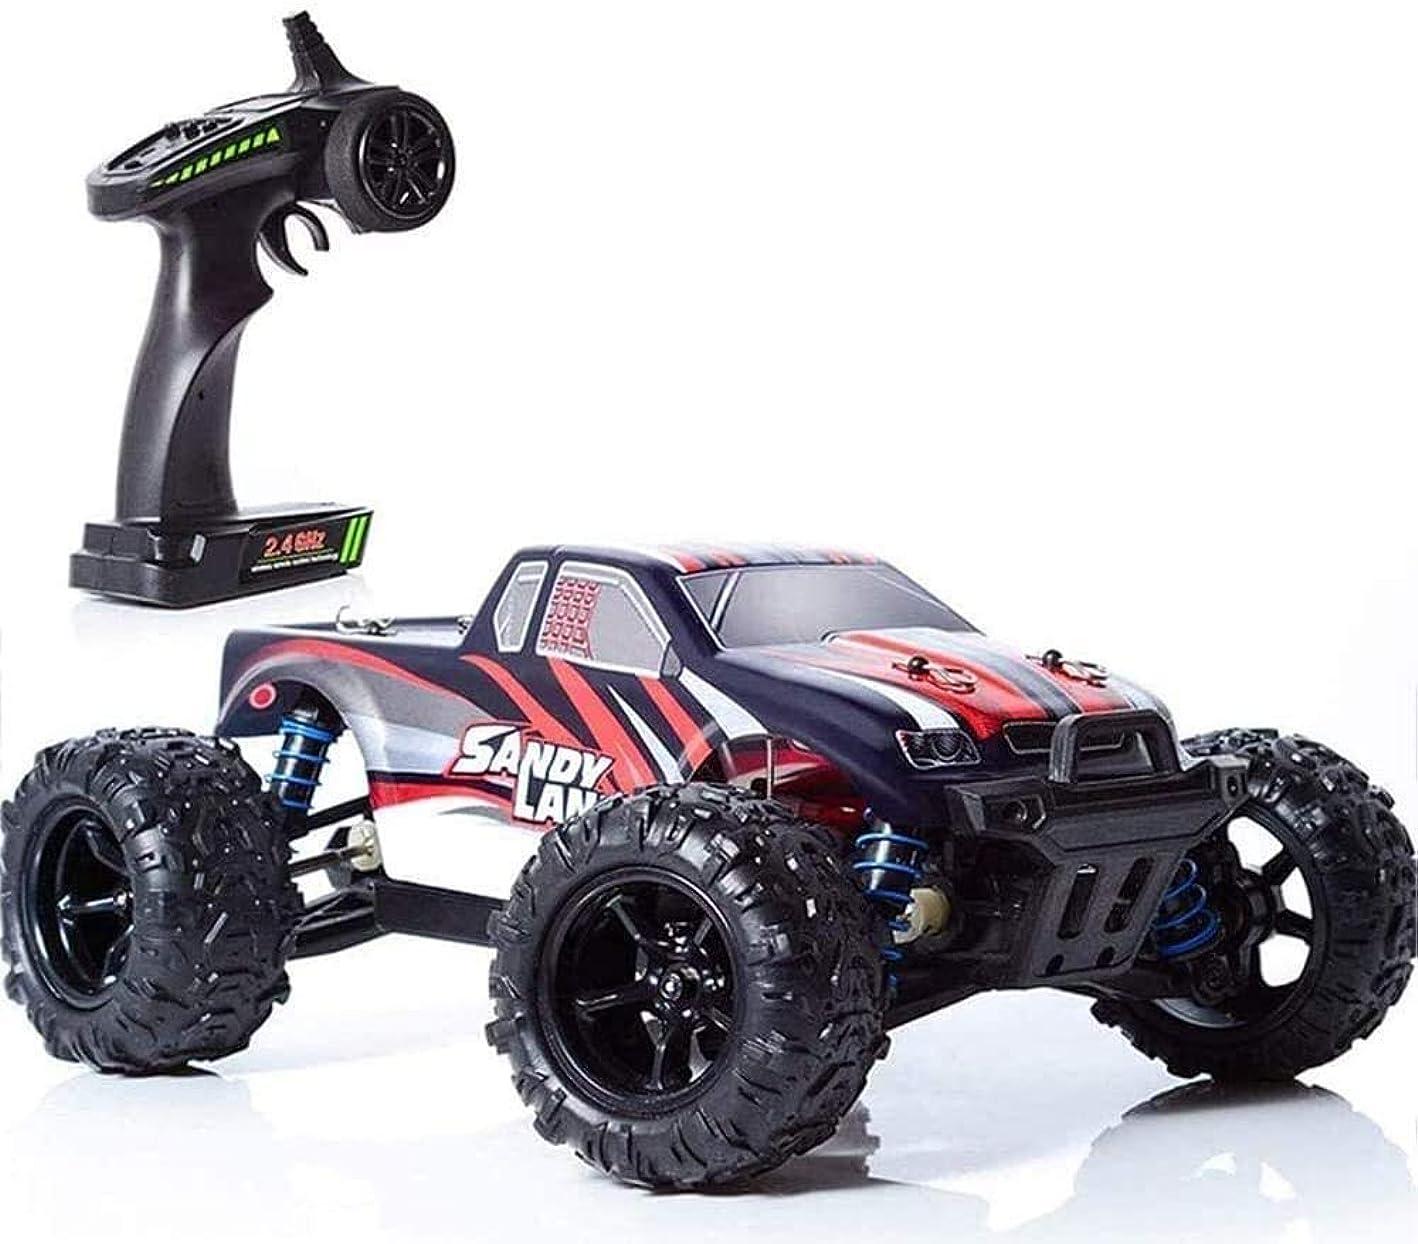 はい意気揚々アルカトラズ島RCカーリモートコントロール車1:18 2.4Ghz 40KM / H 4WD高速オフロードファストレーシングドリフトバギーホビーおもちゃの車大人用子供